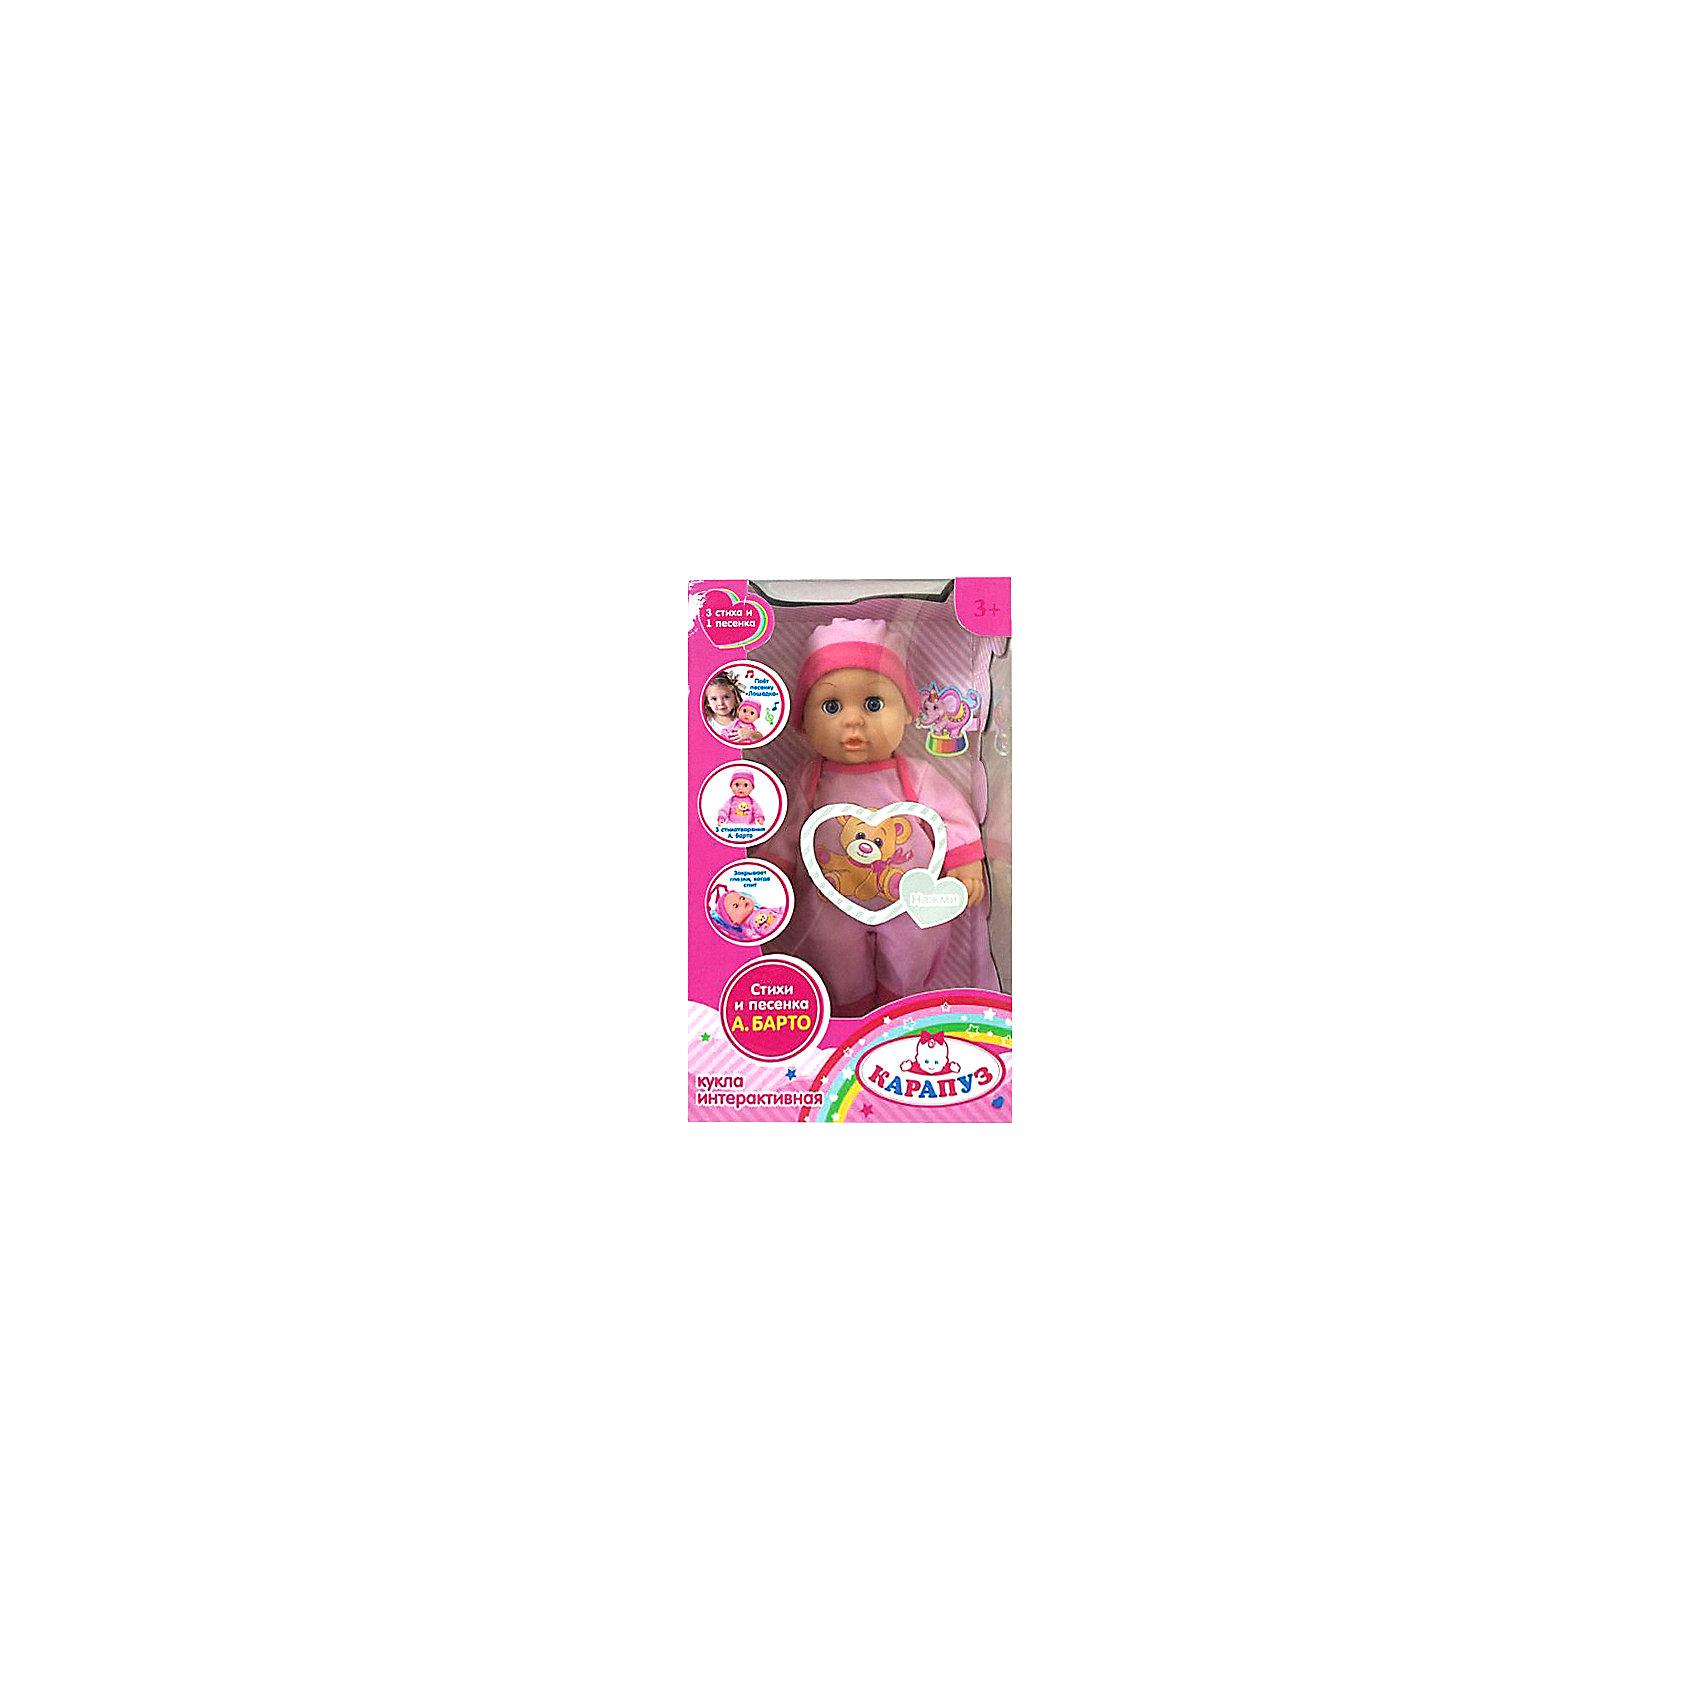 Карапуз Пупс Стихи А.Барто, 30см, с аксессурами, со звуком, Карапуз карапуз кукла золушка со светящимся амулетом 37 см со звуком принцессы дисней карапуз